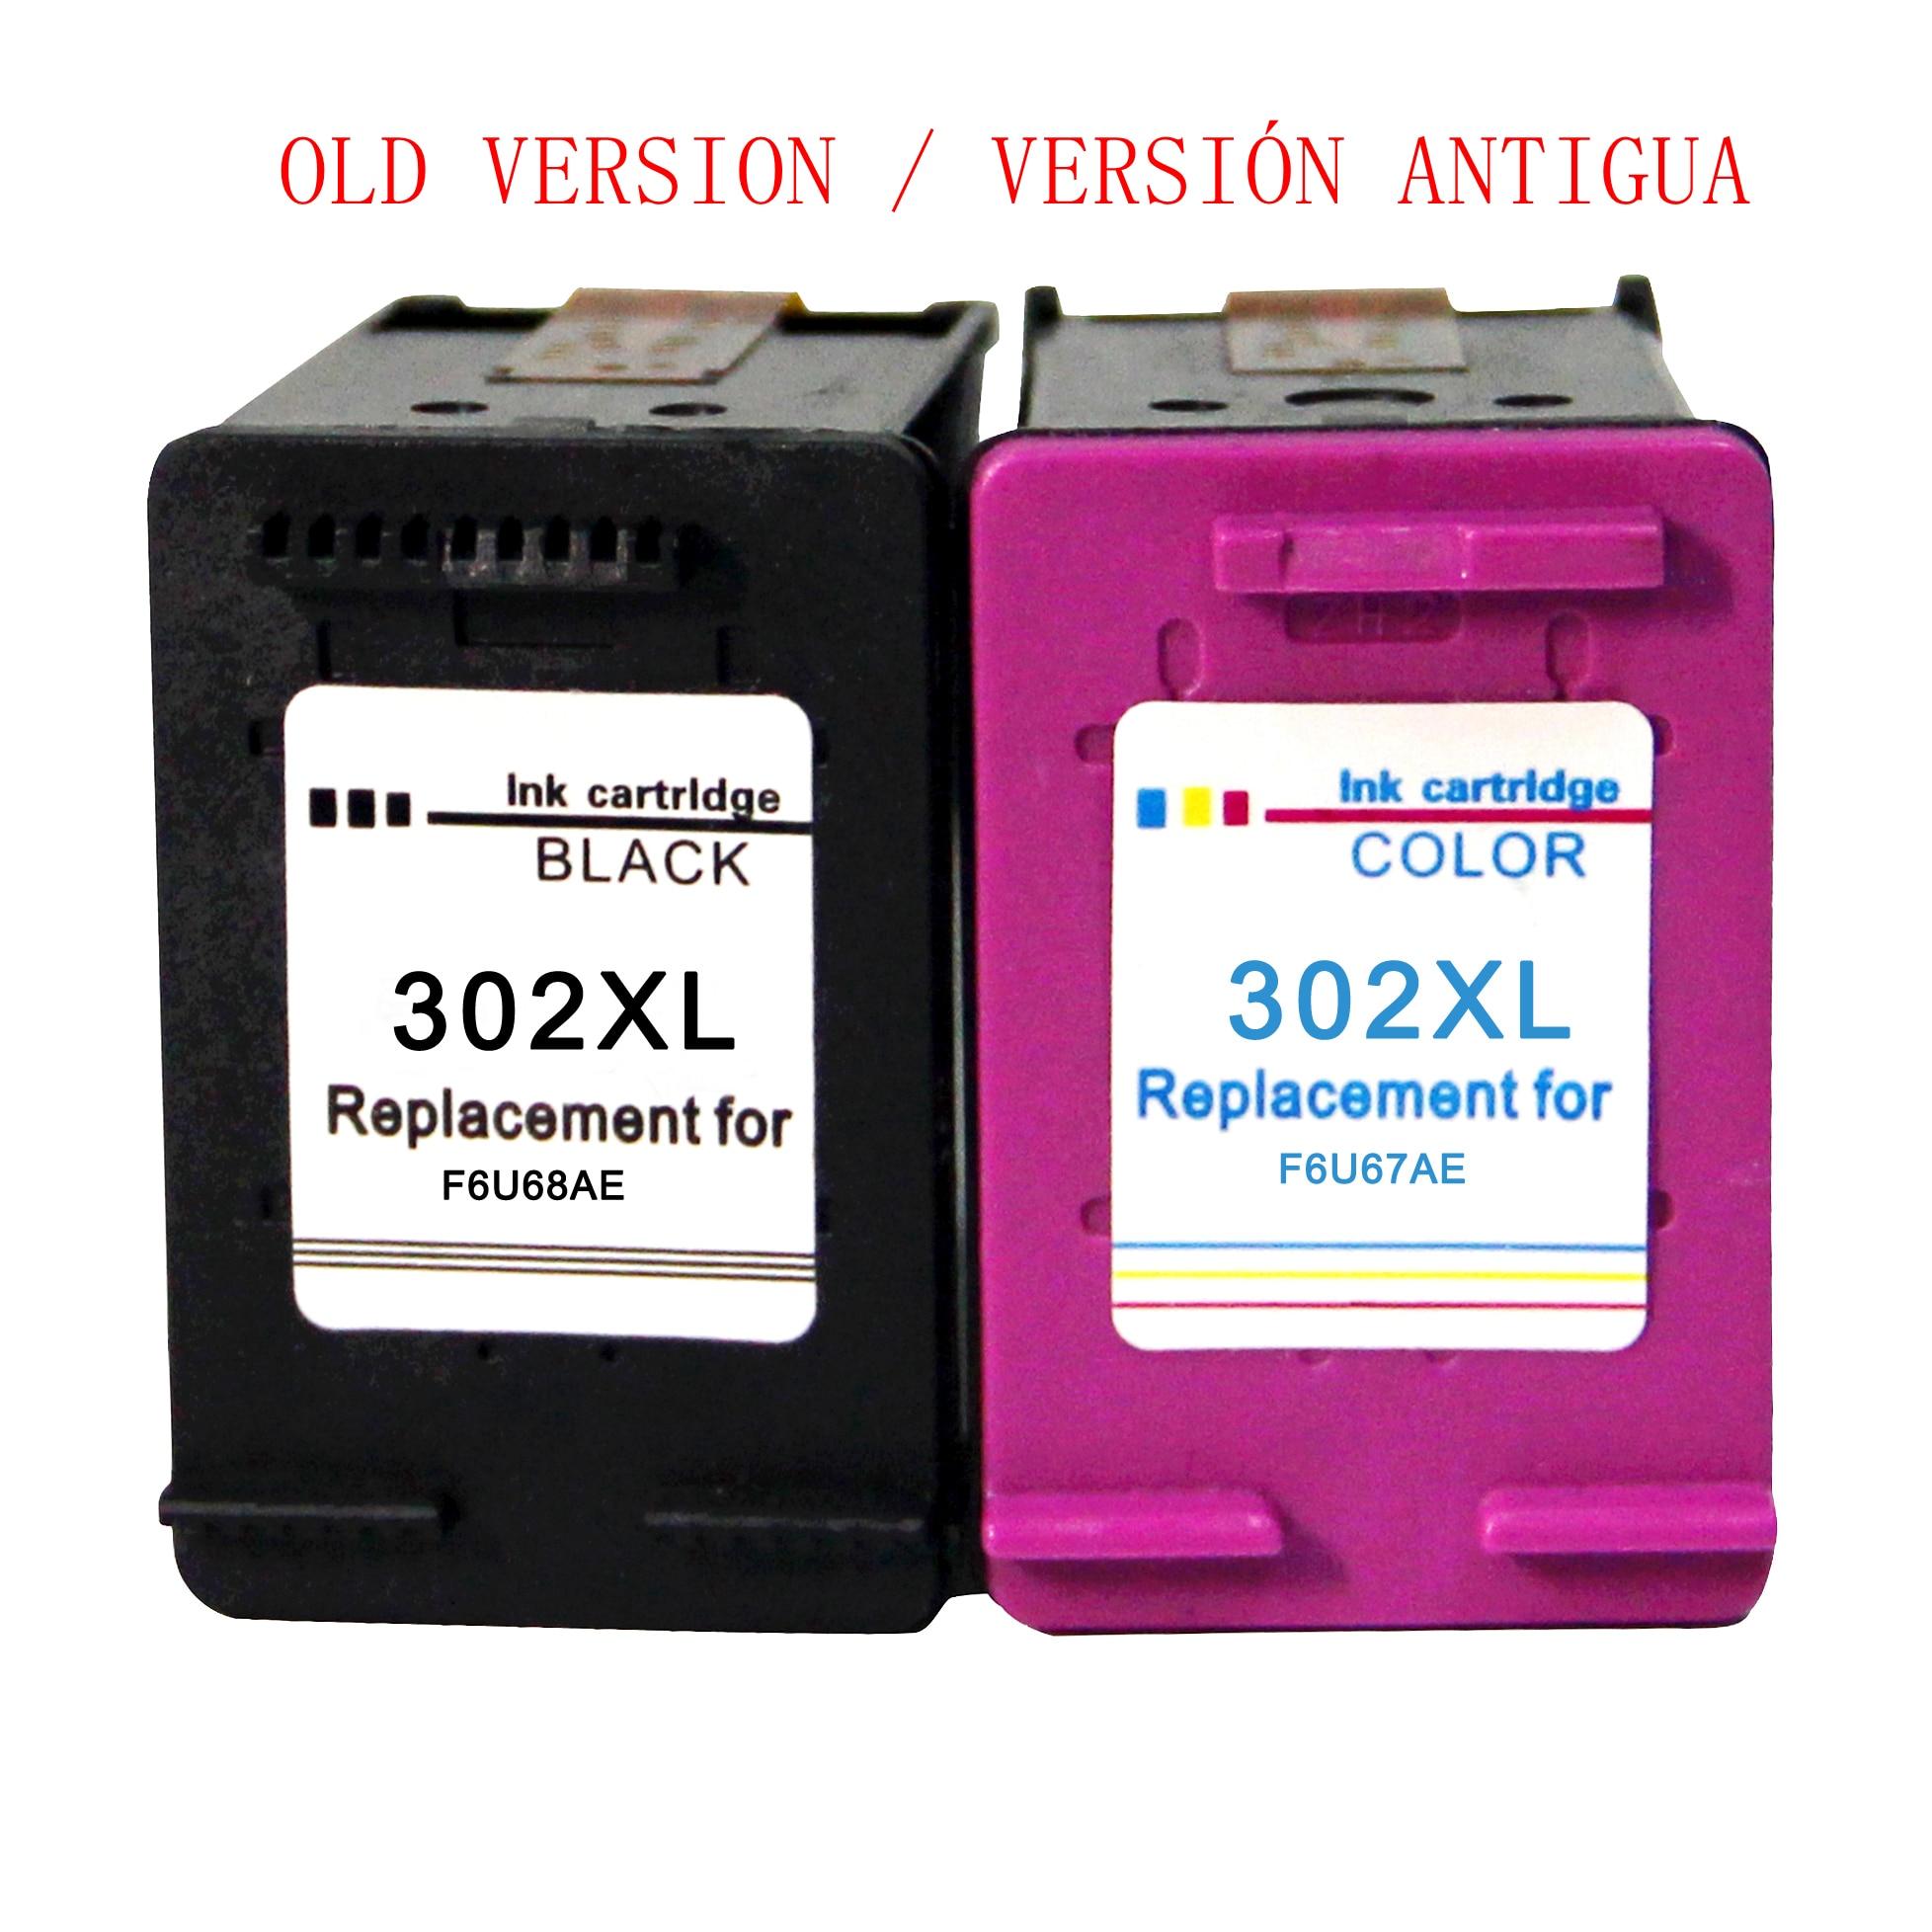 Remanufacturée HP 302 XL cartouches d'encre pour HP OfficeJet 3831 3833 DeskJet 1110 2130 3630 3639 3633 3636 l'envie 4520 4524